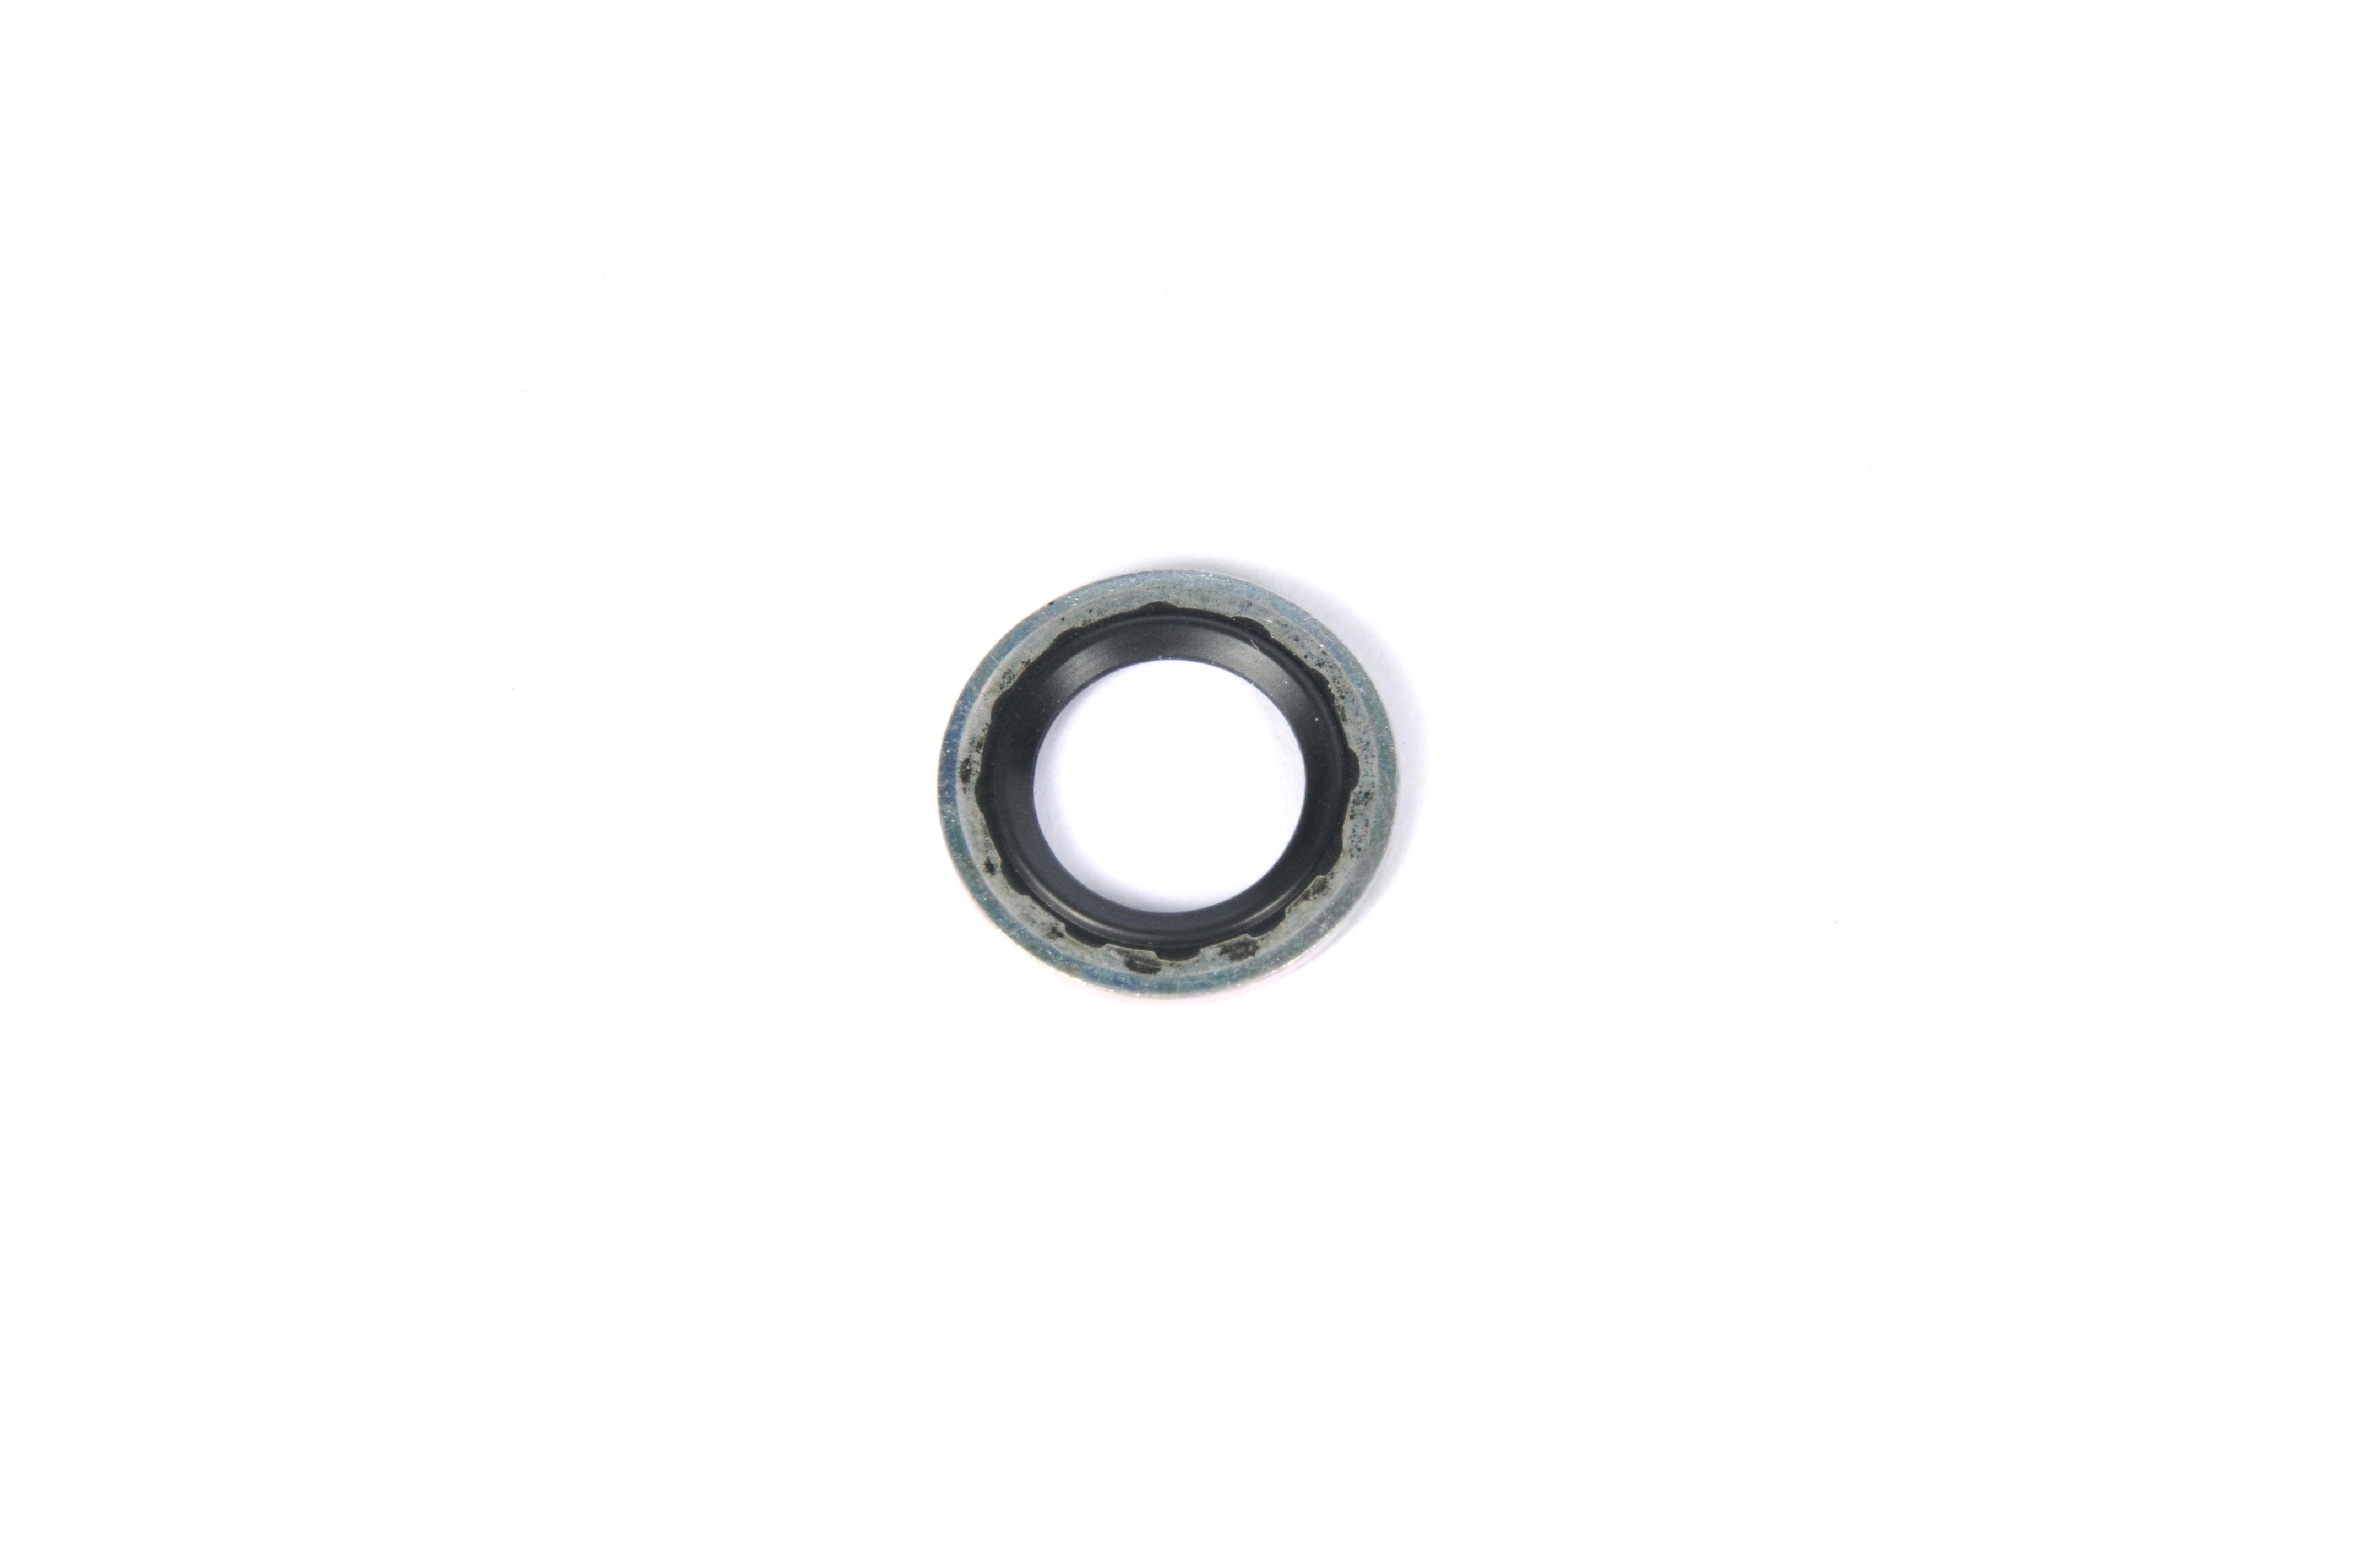 ACDELCO OE SERVICE CANADA - A/C Compressor Seal - DCG 92192328